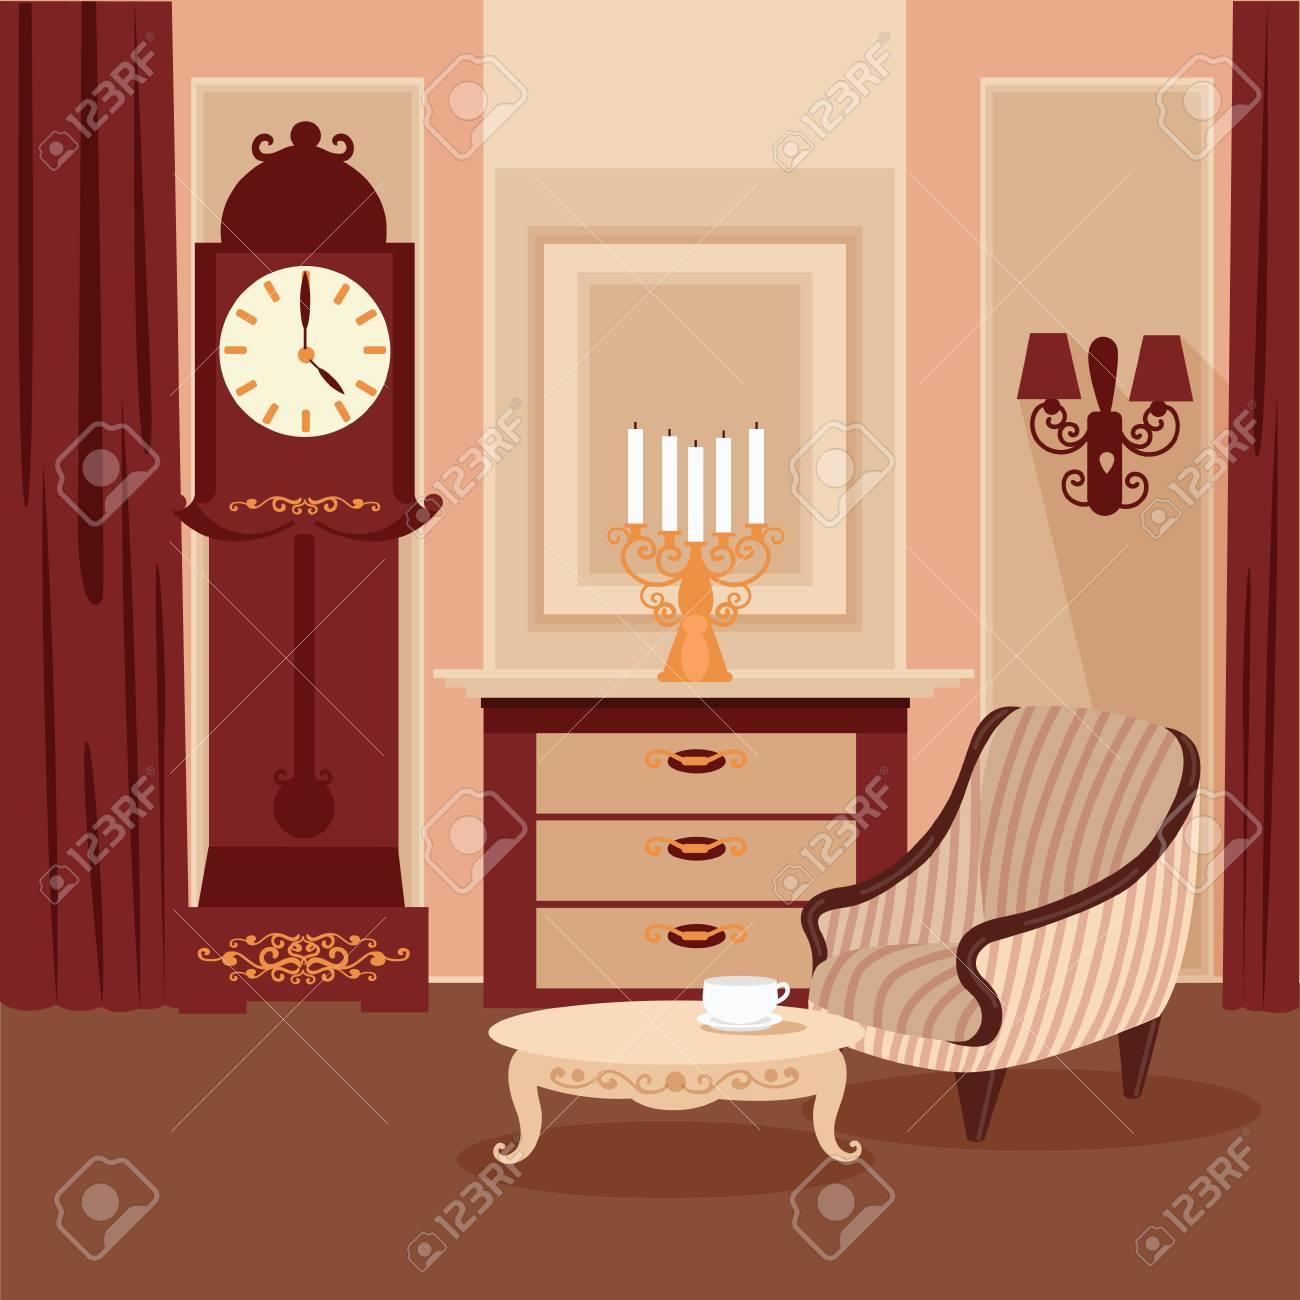 Wohnzimmer. Klassisches Interieur. Vintage-Stil. Retro-Möbel ...